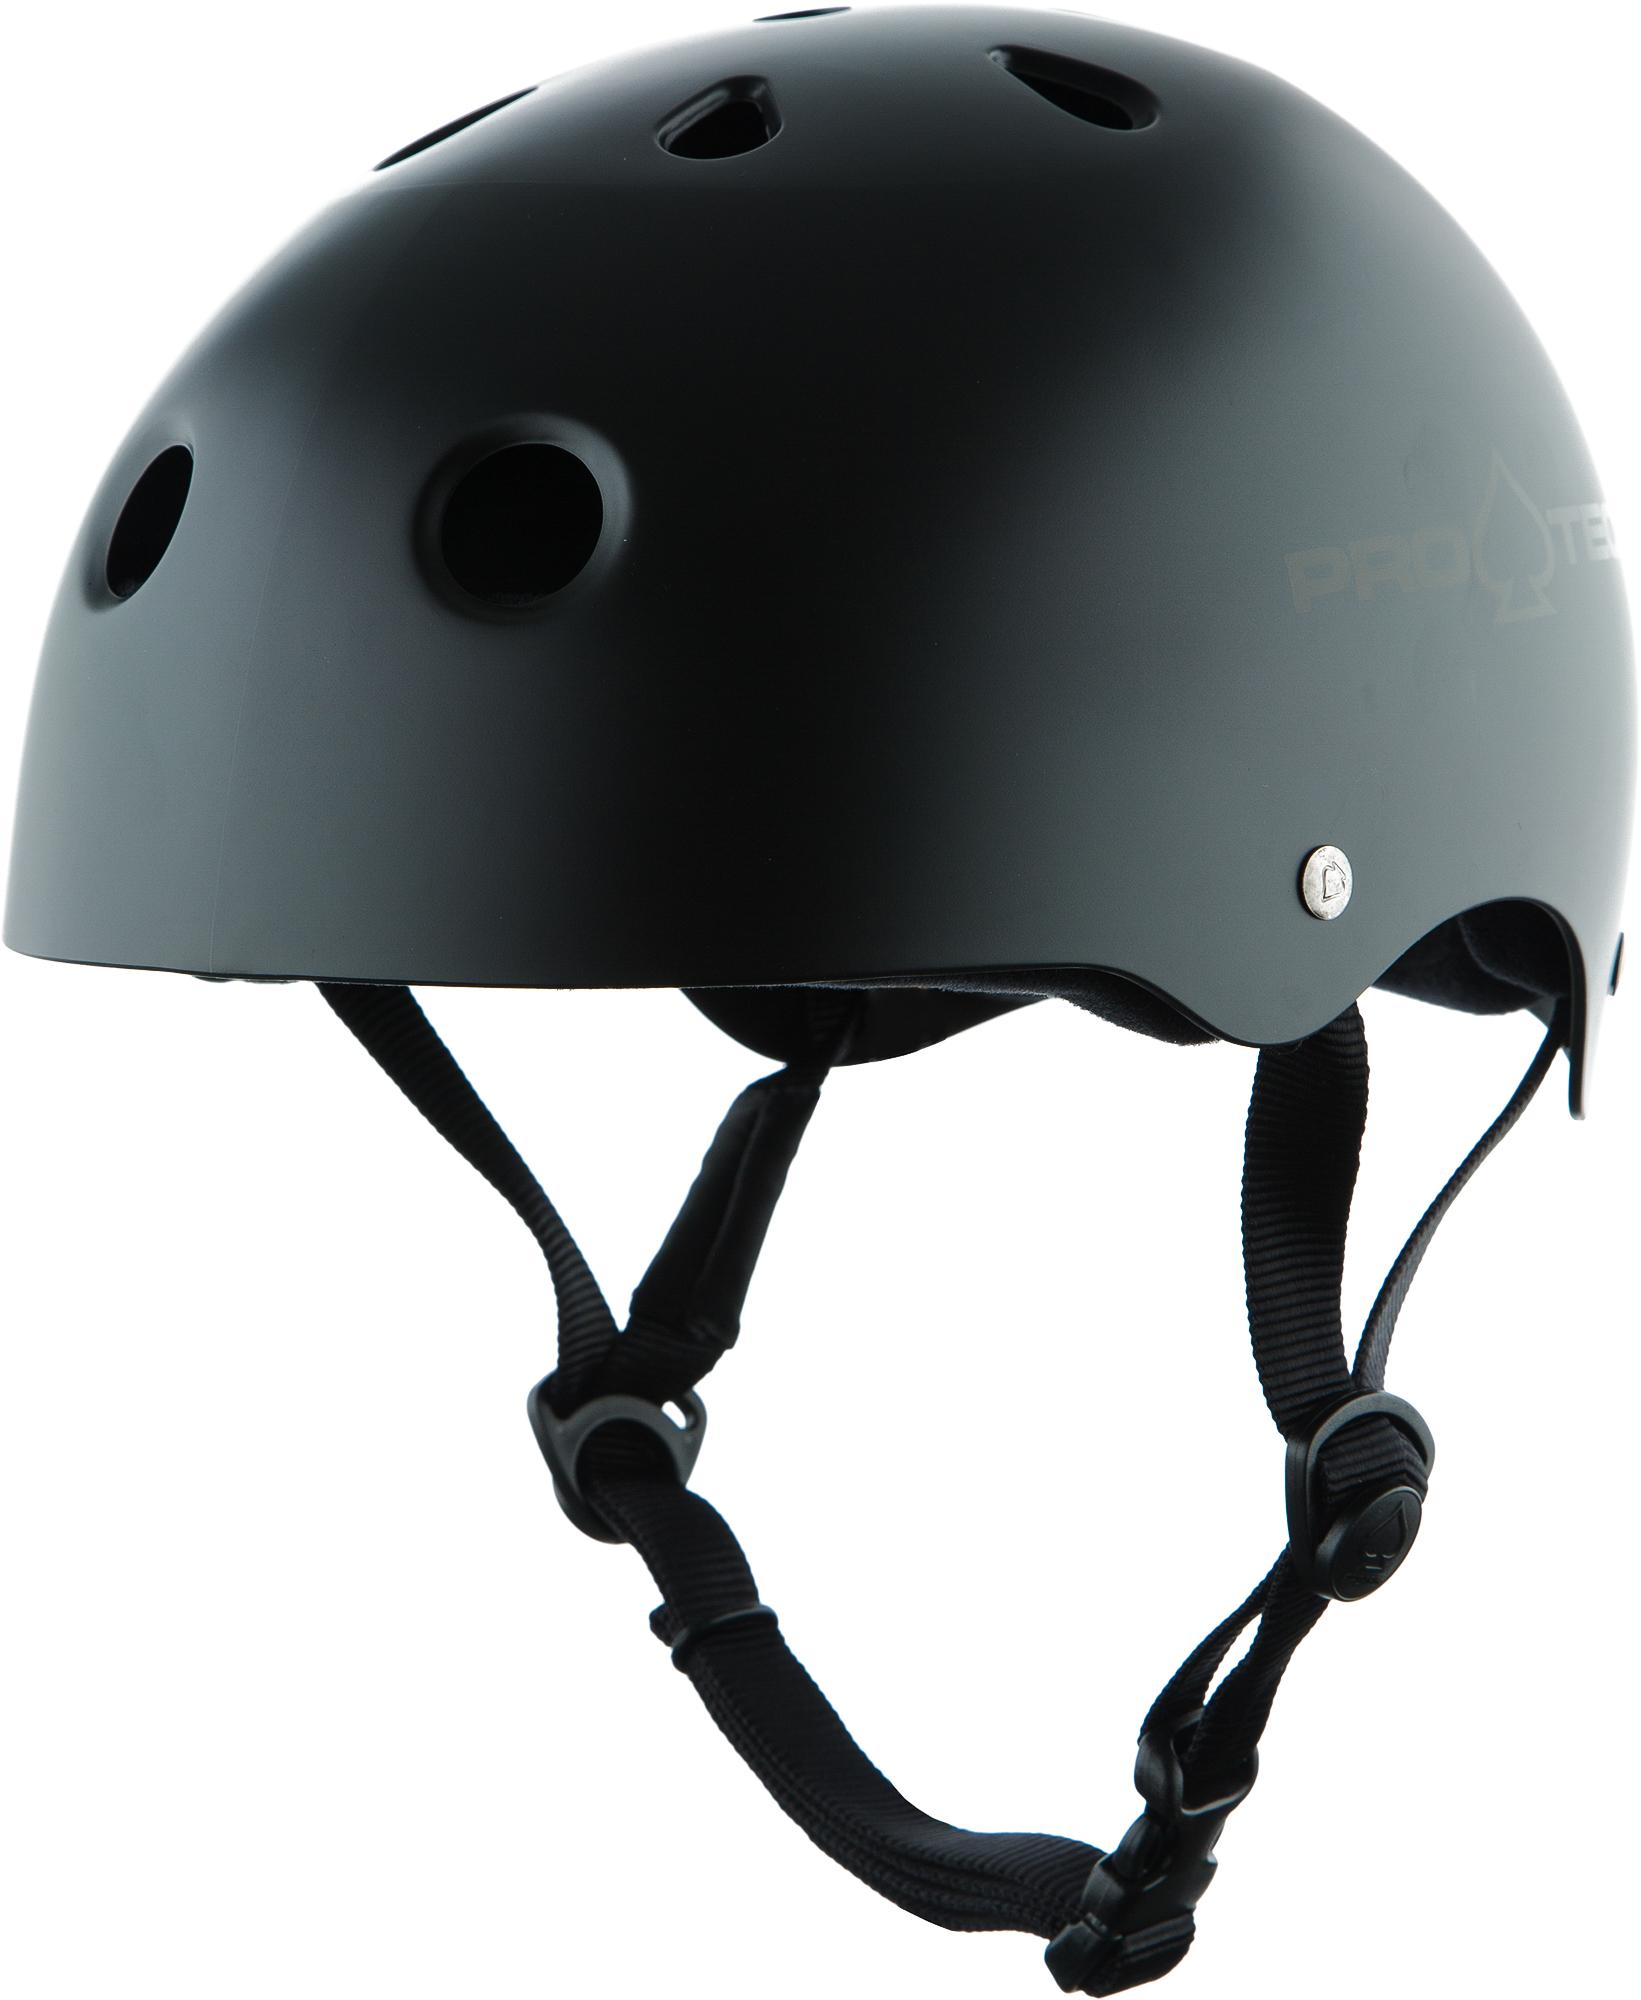 Pro-Tec Шлем Pro-Tec Classic стоимость